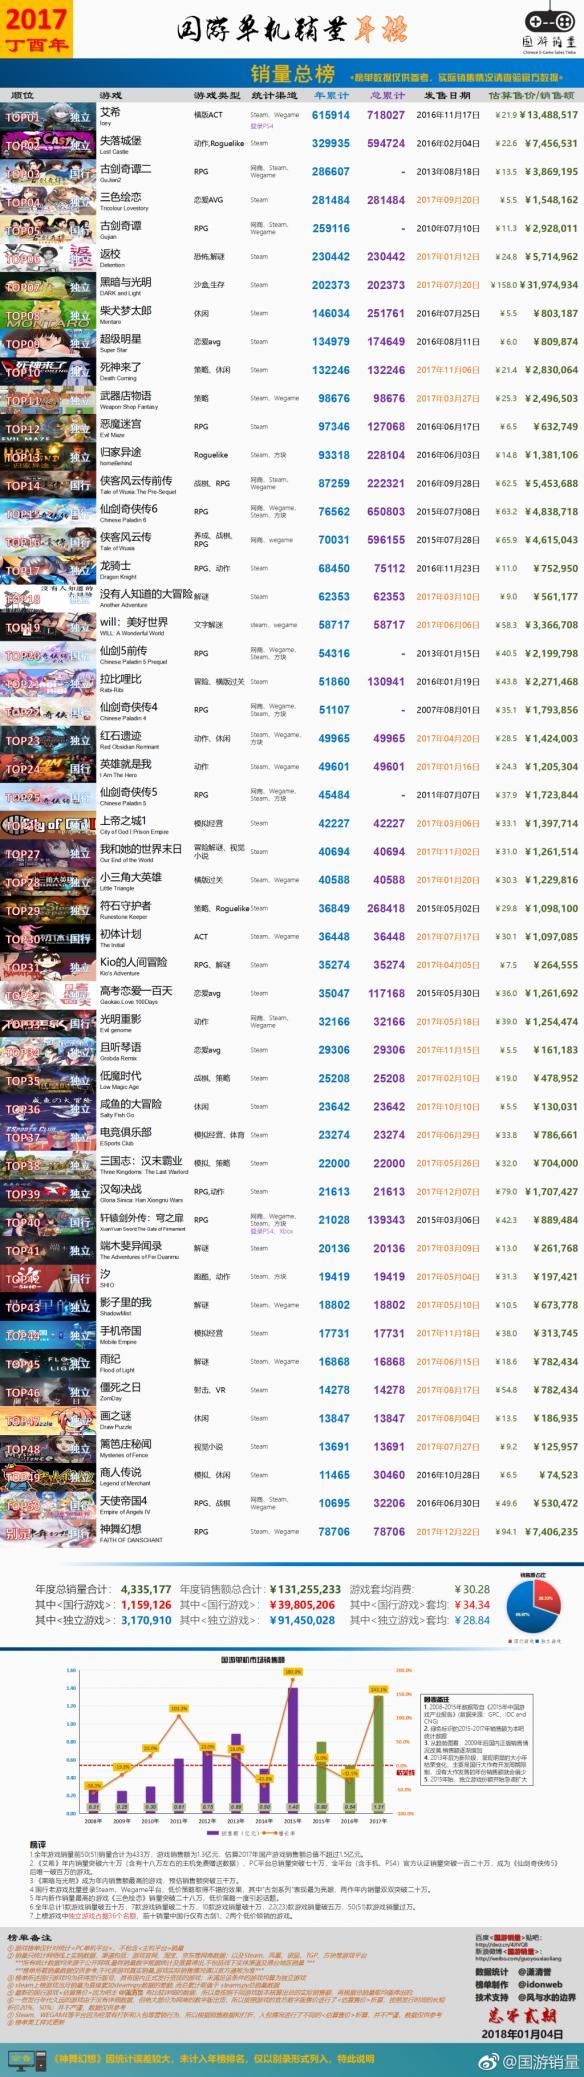 2017年国产单机销量年榜 独立游戏占据榜上多数名额